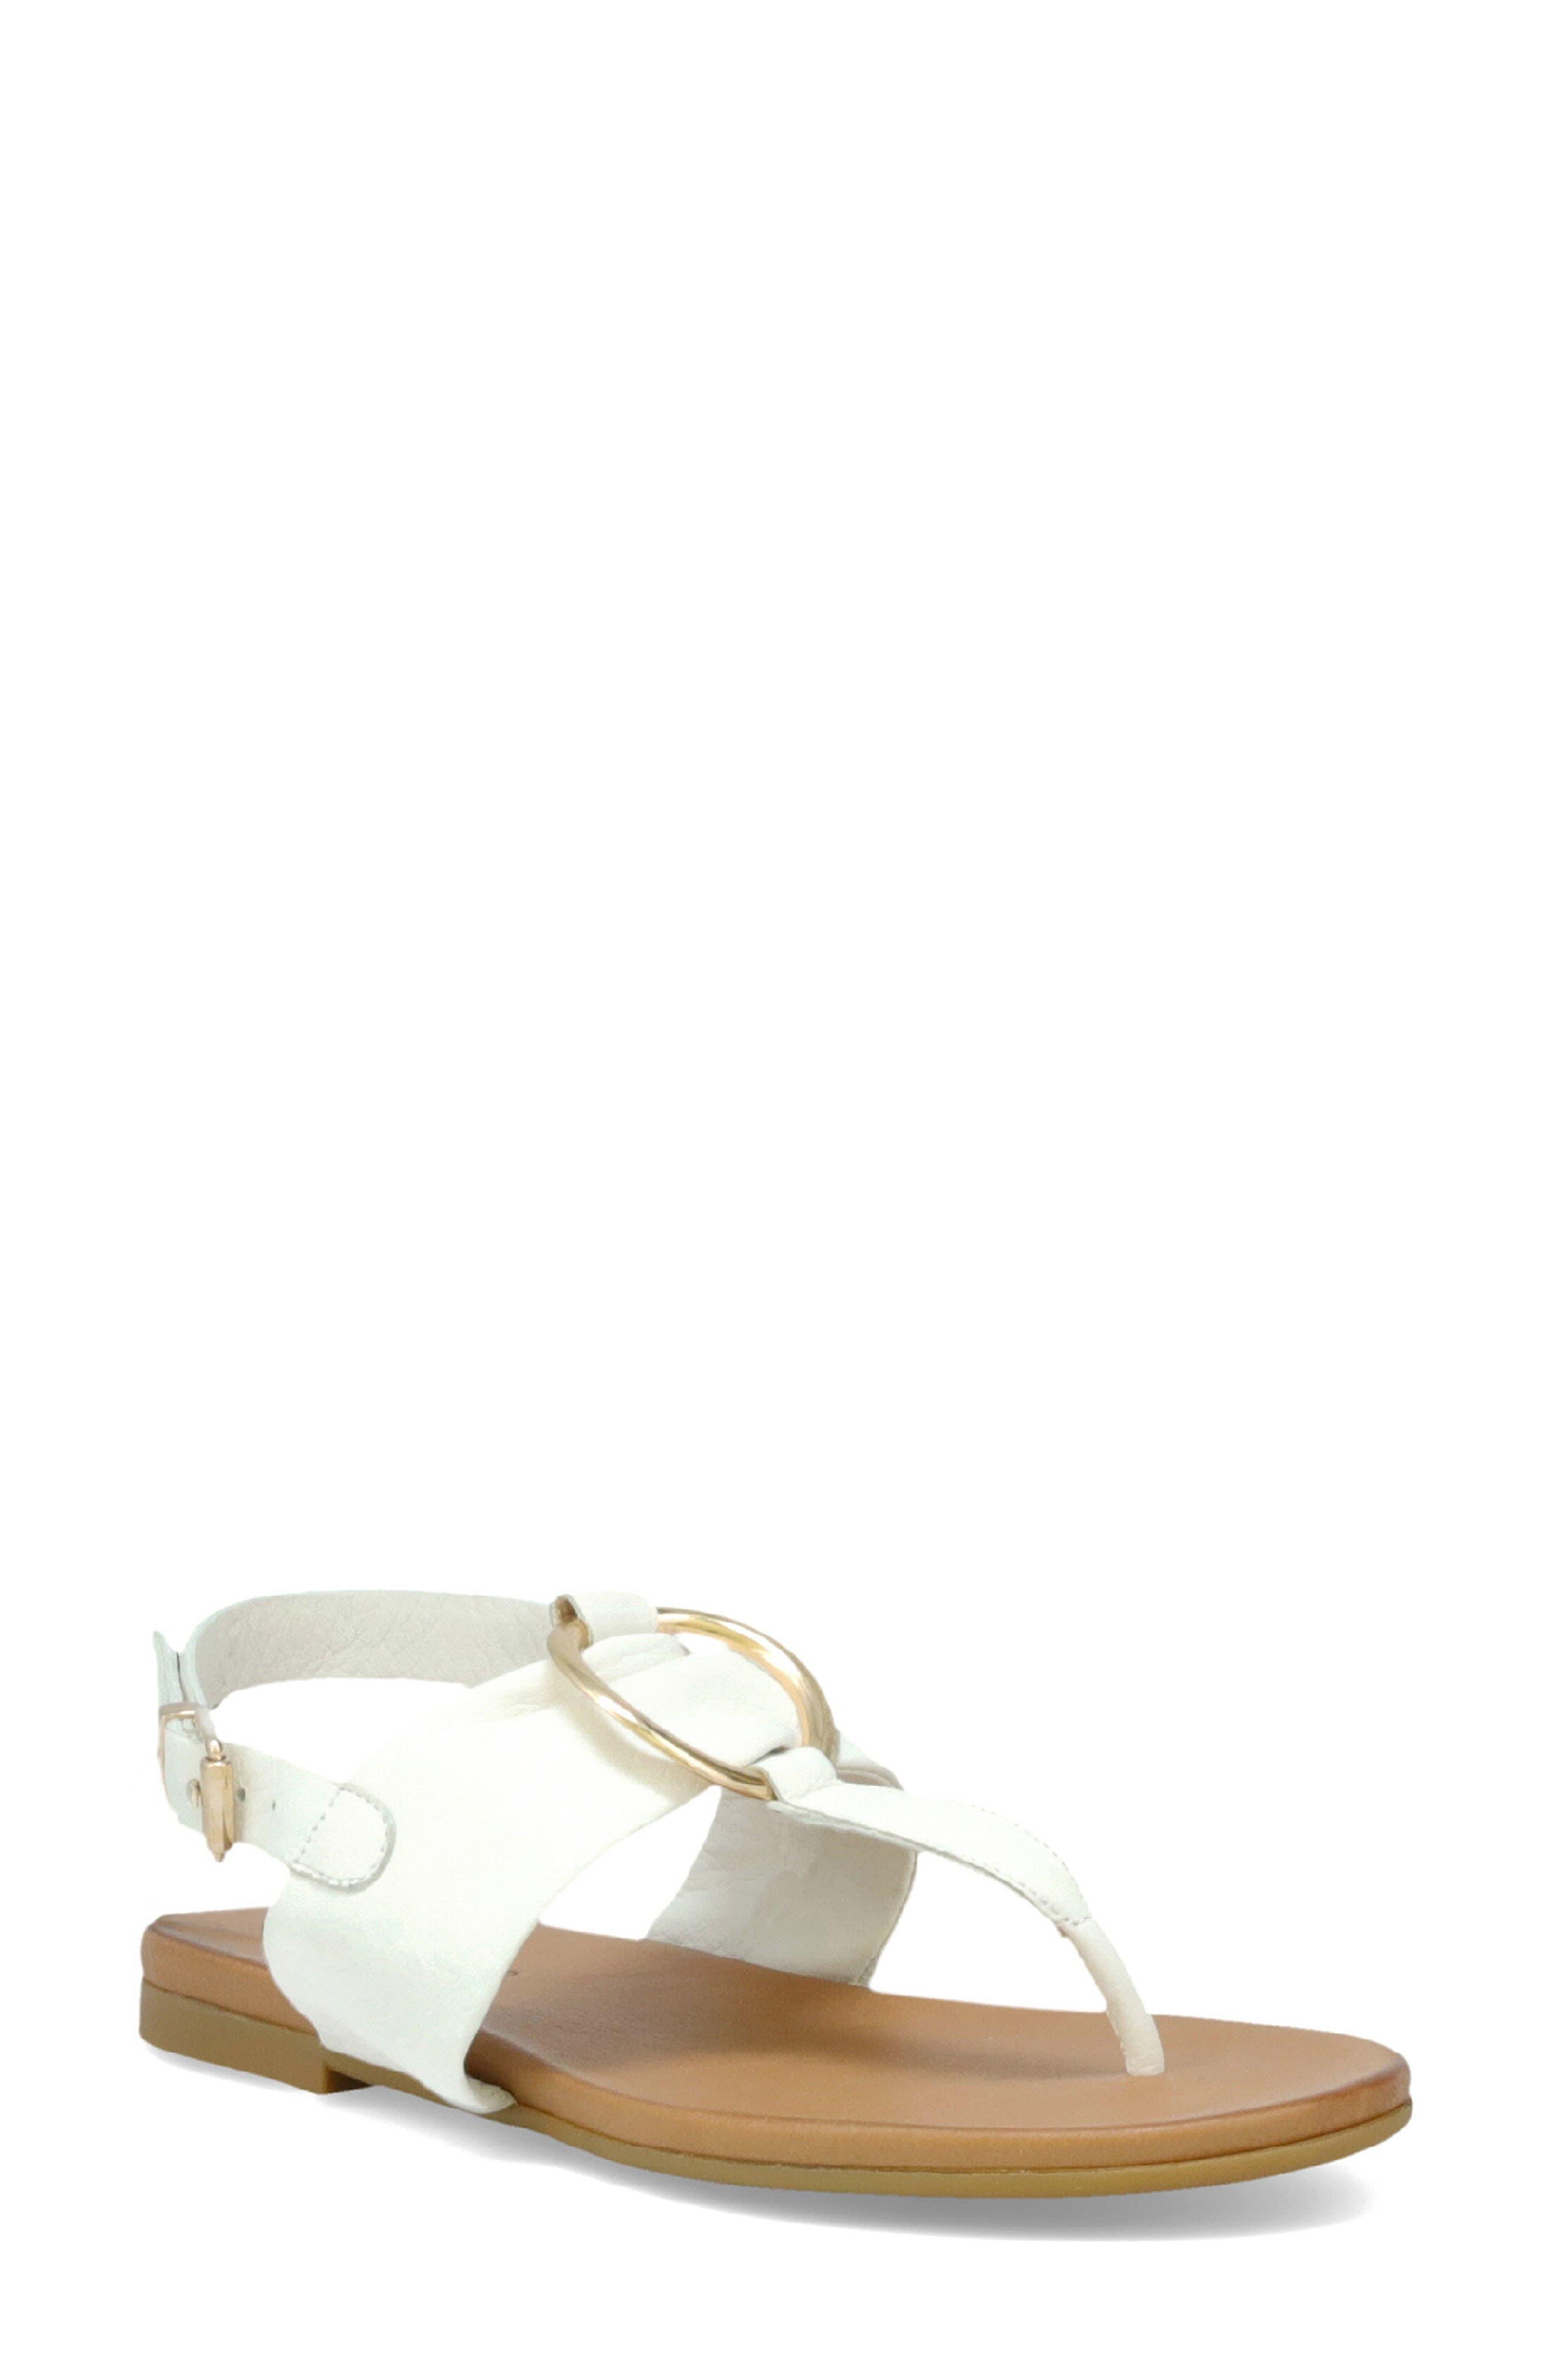 Inuovo Odis T-Strap Sandal